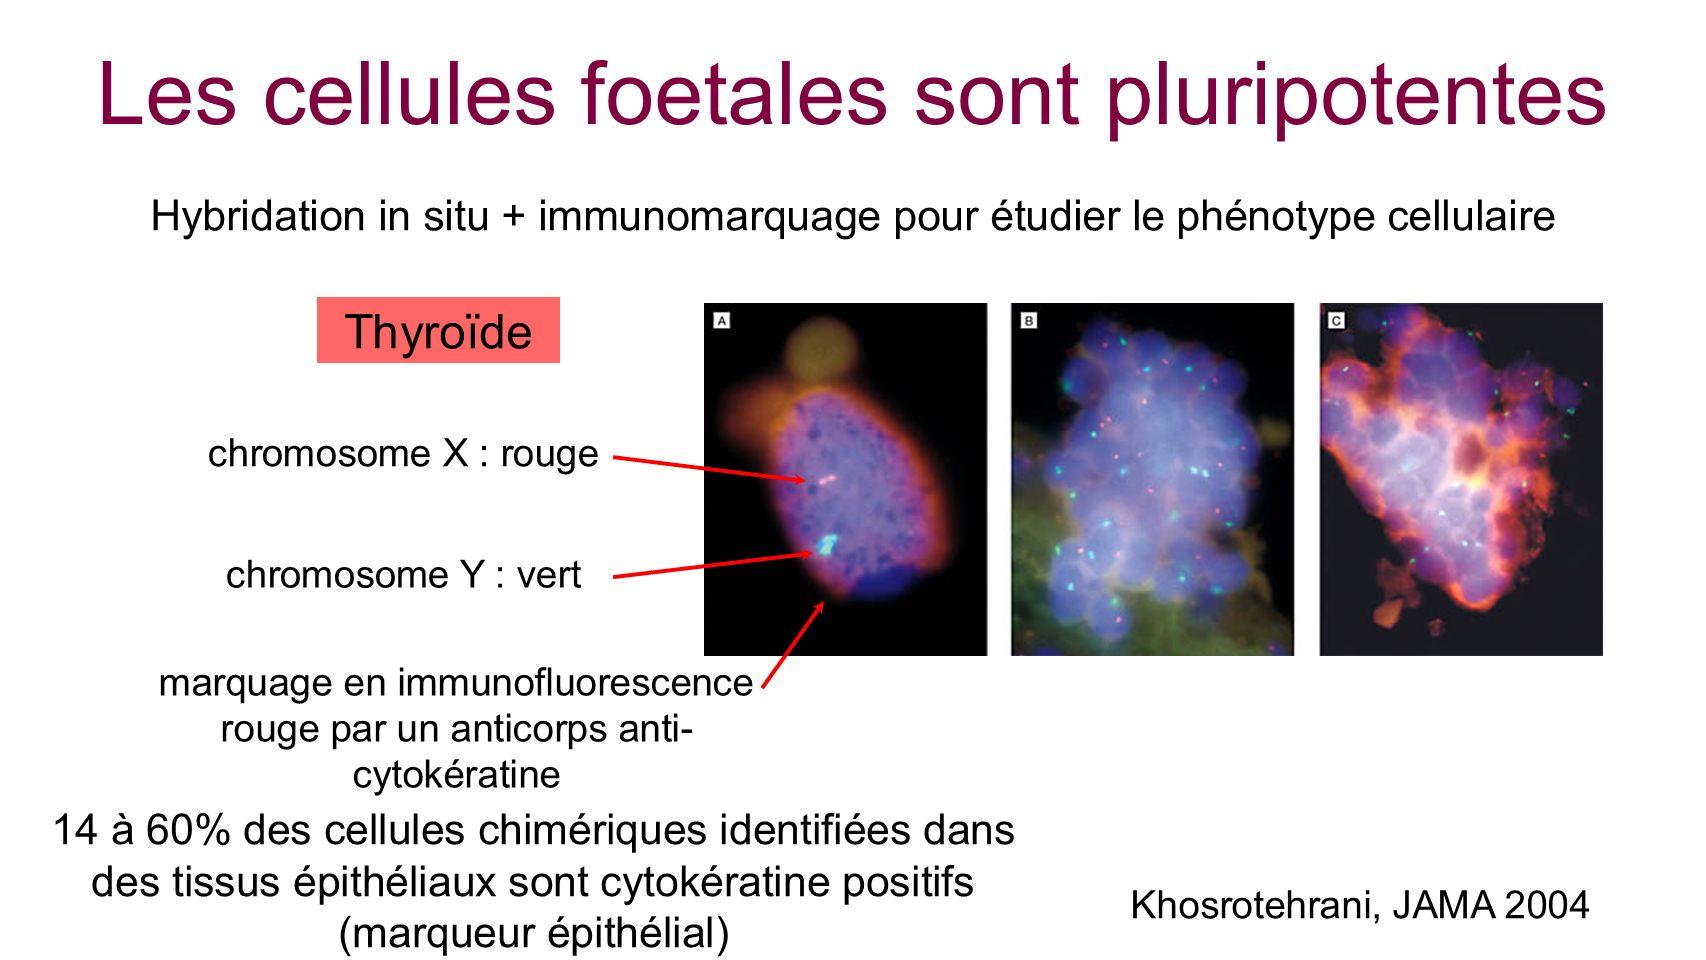 Les cellules foetales sont pluripotentes